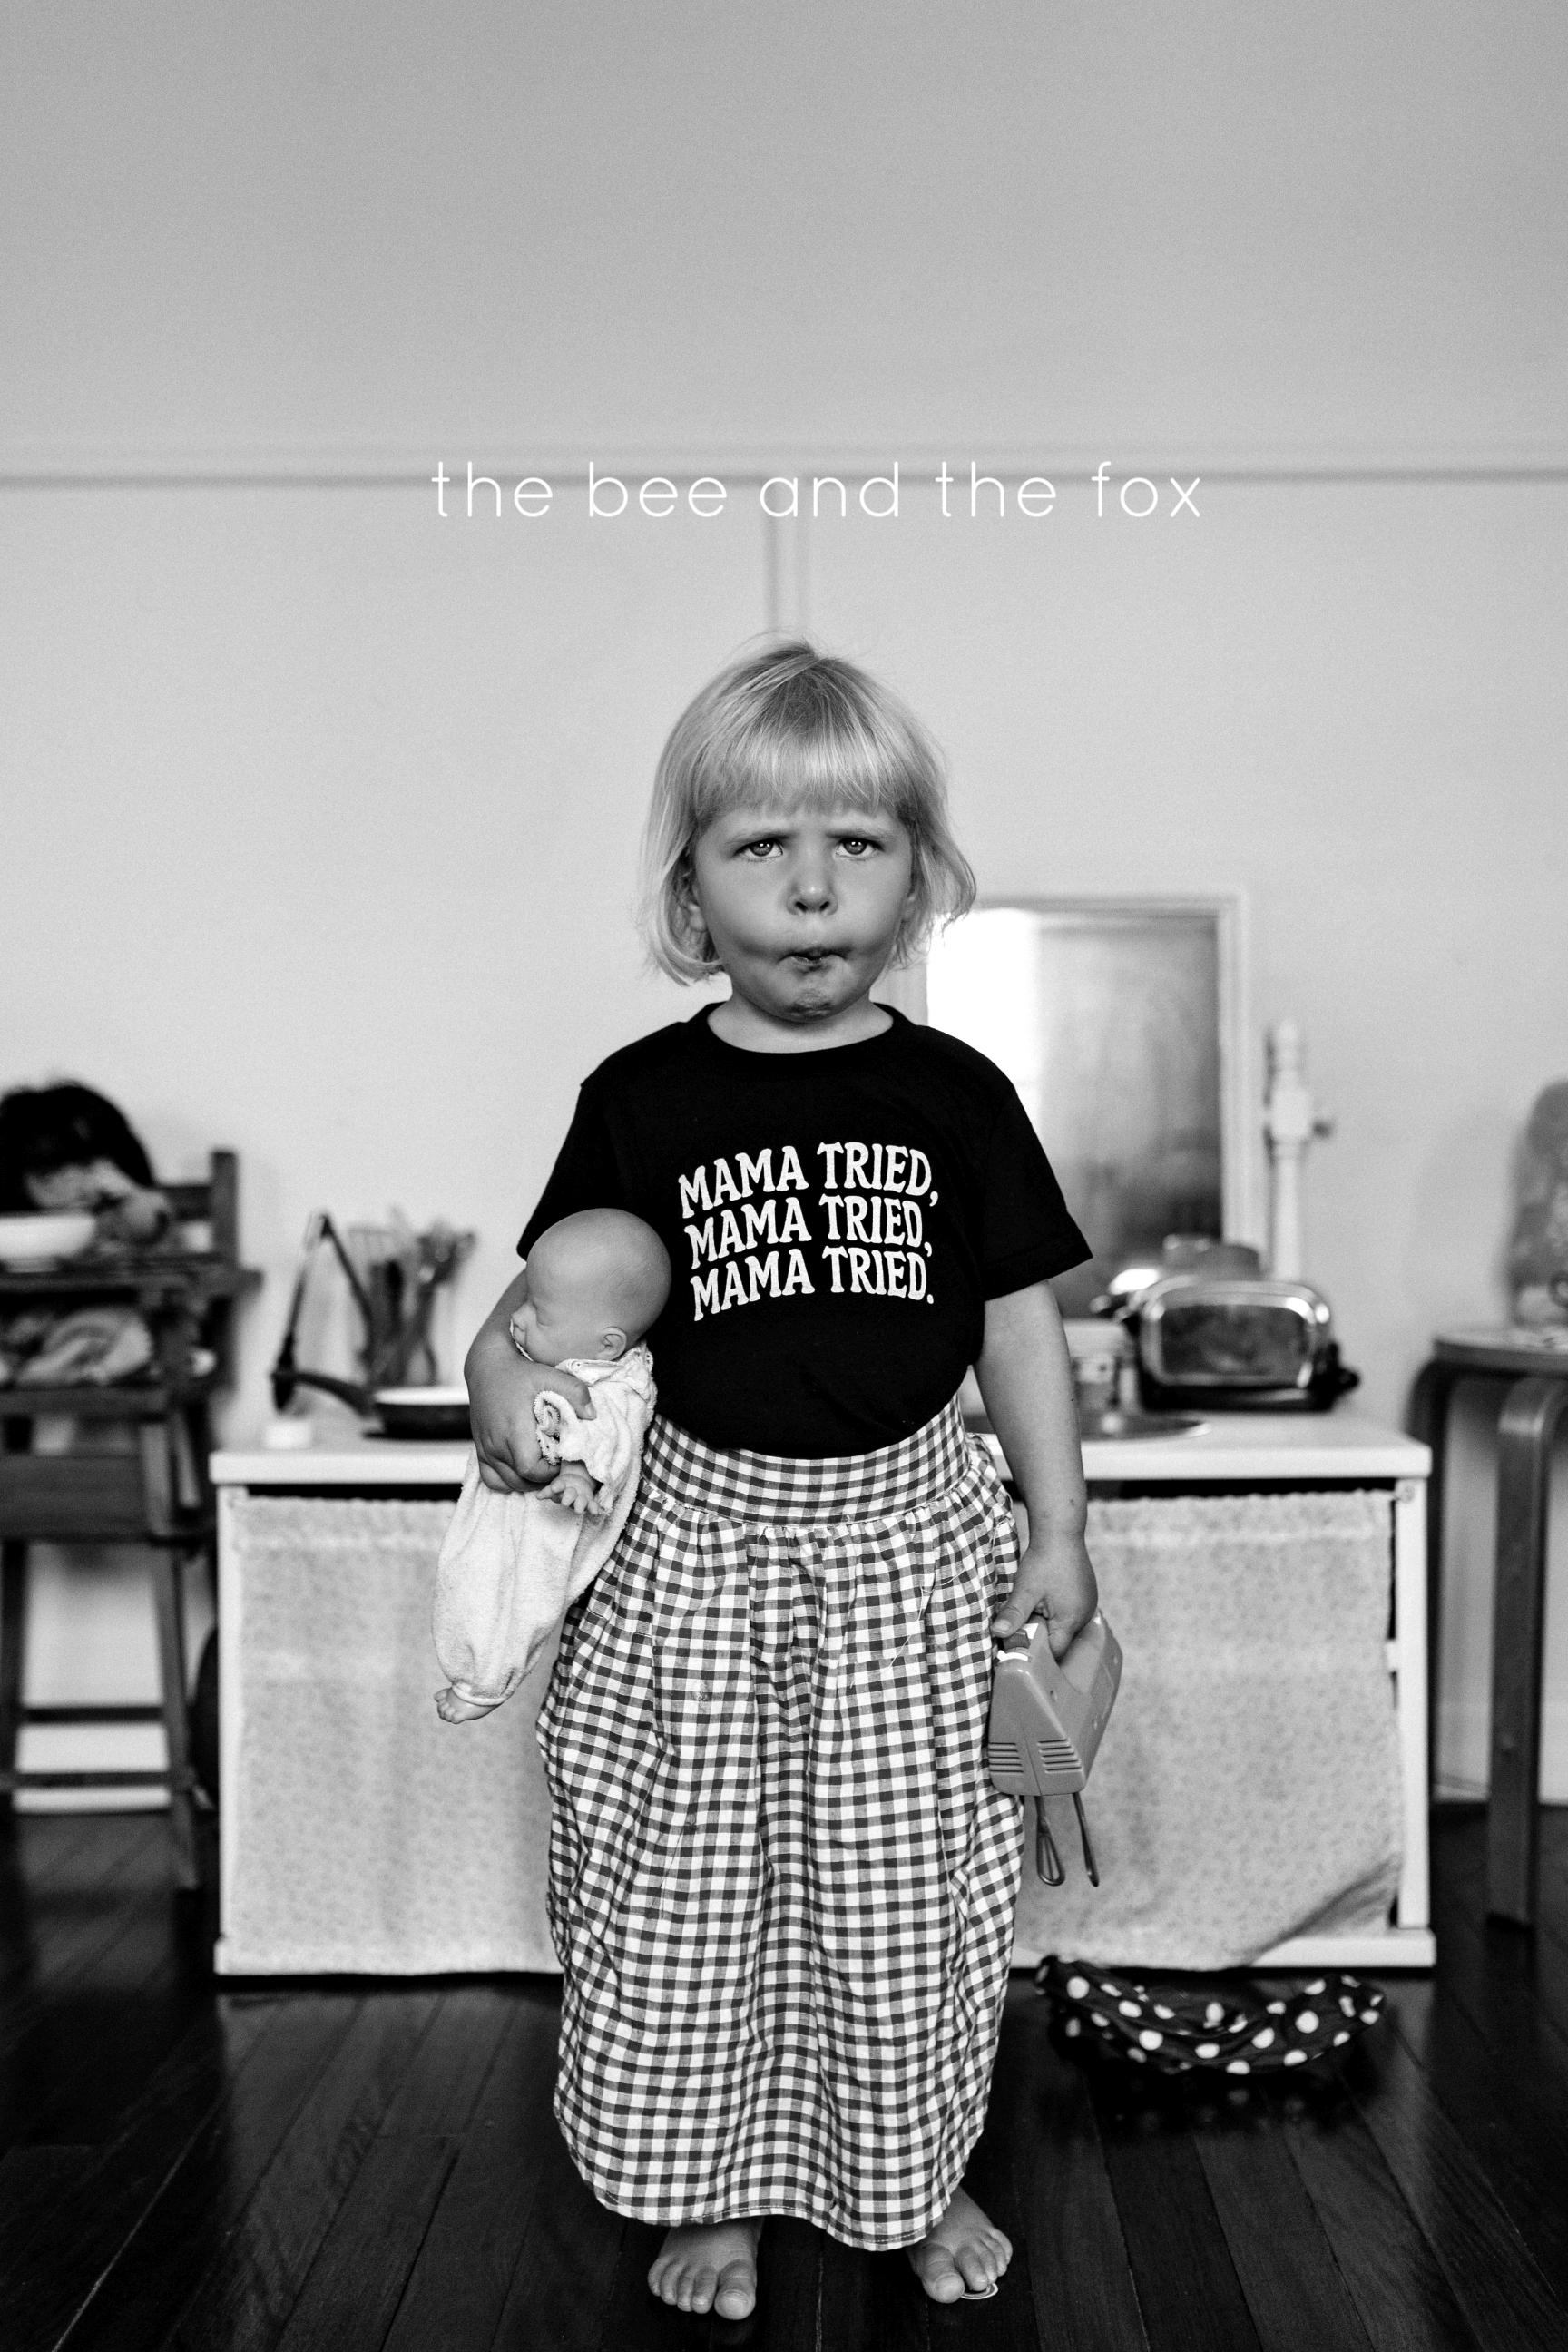 funny-girl-photography-siida-tasmania-bee-and-fox.jpg